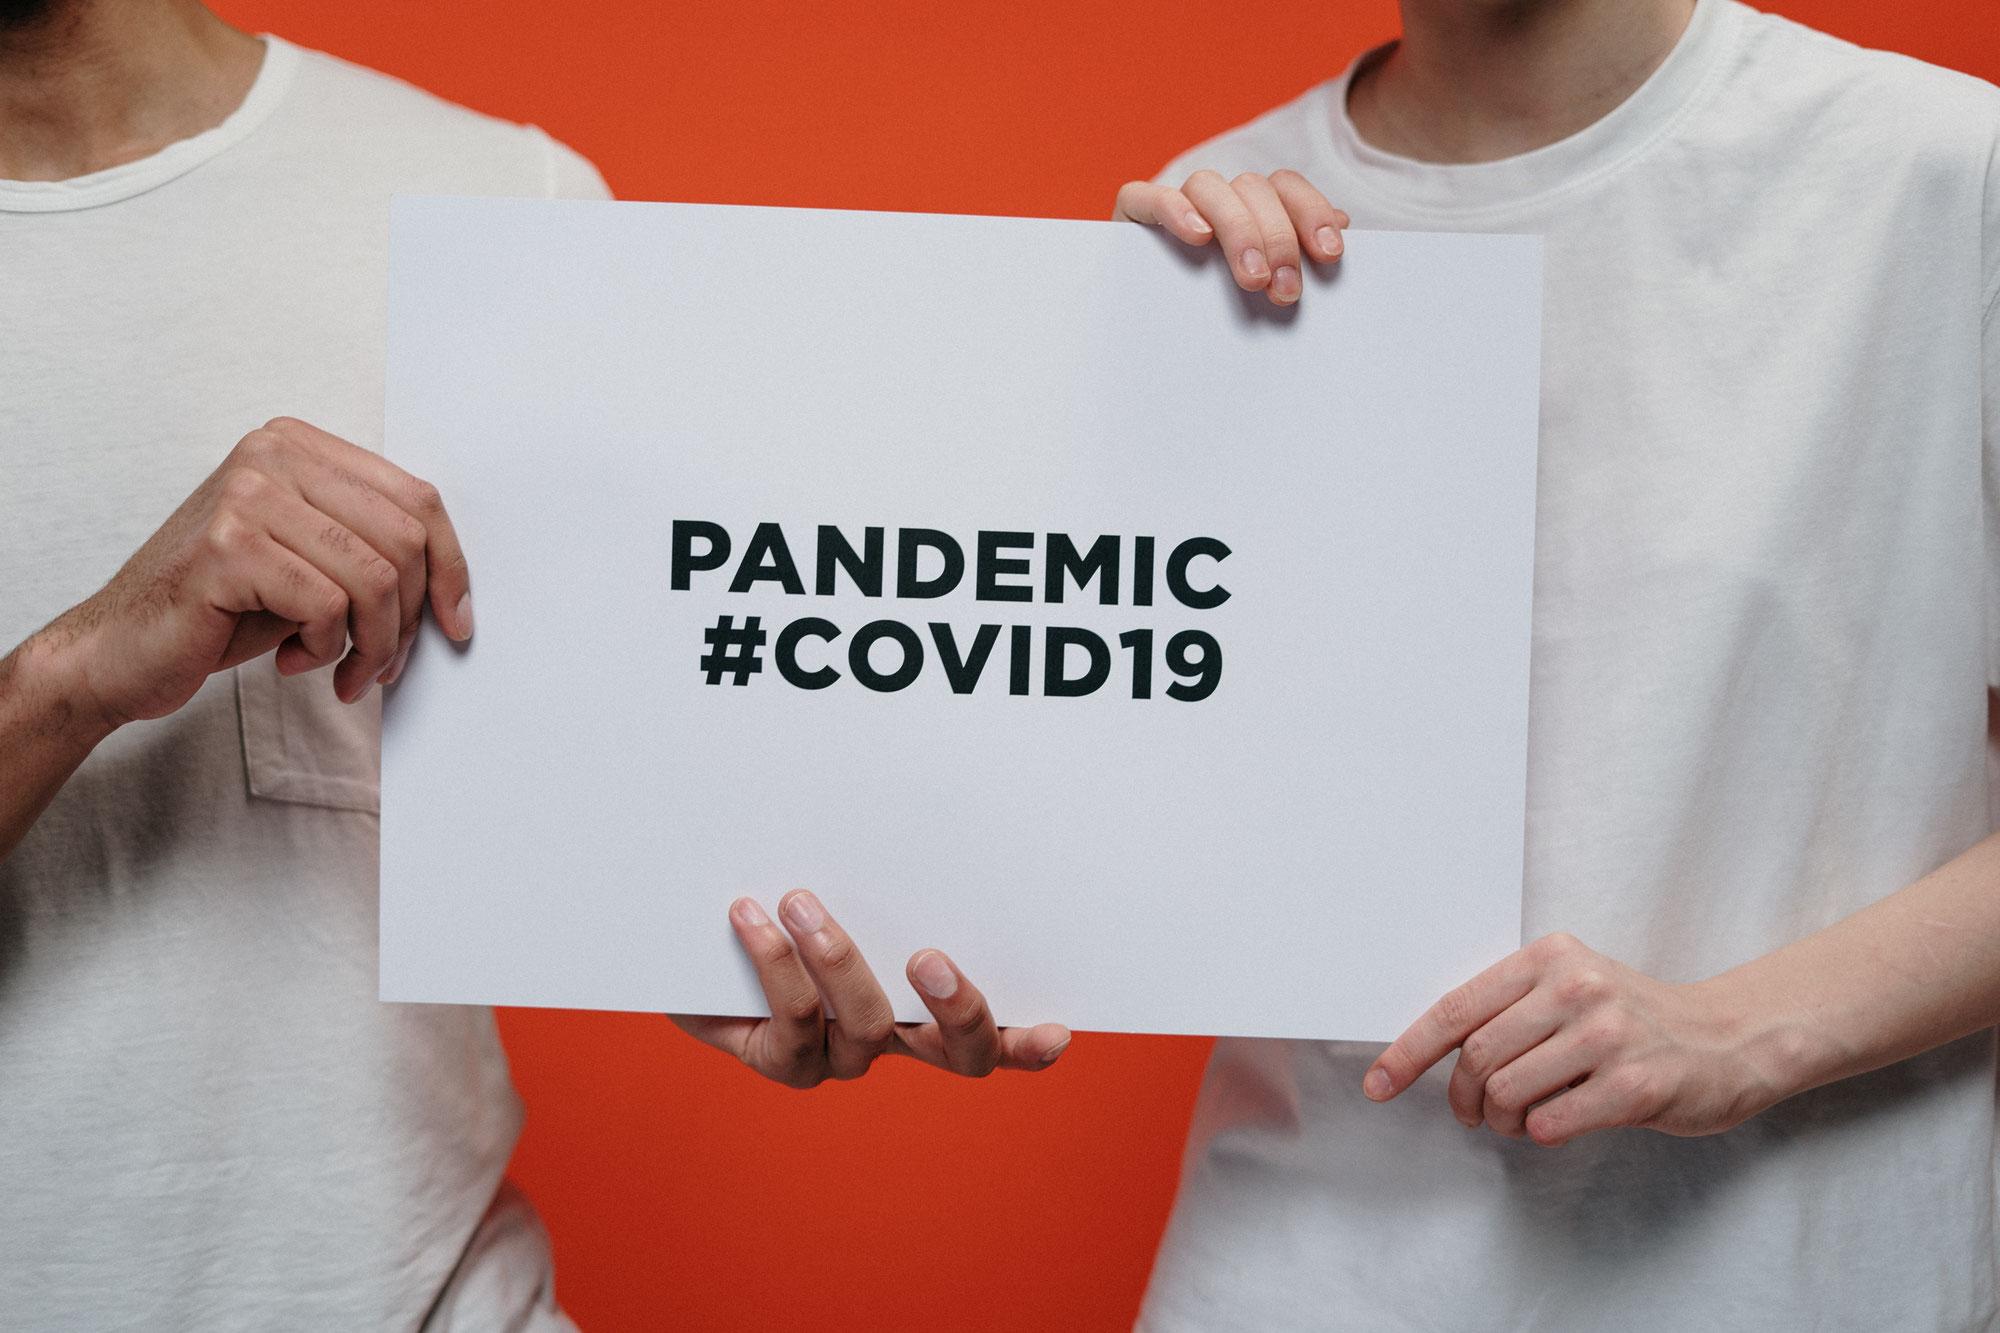 Änderungen der Arbeitsschutz-Vorgaben in der Corona-Pandemie zum 01.07.2021